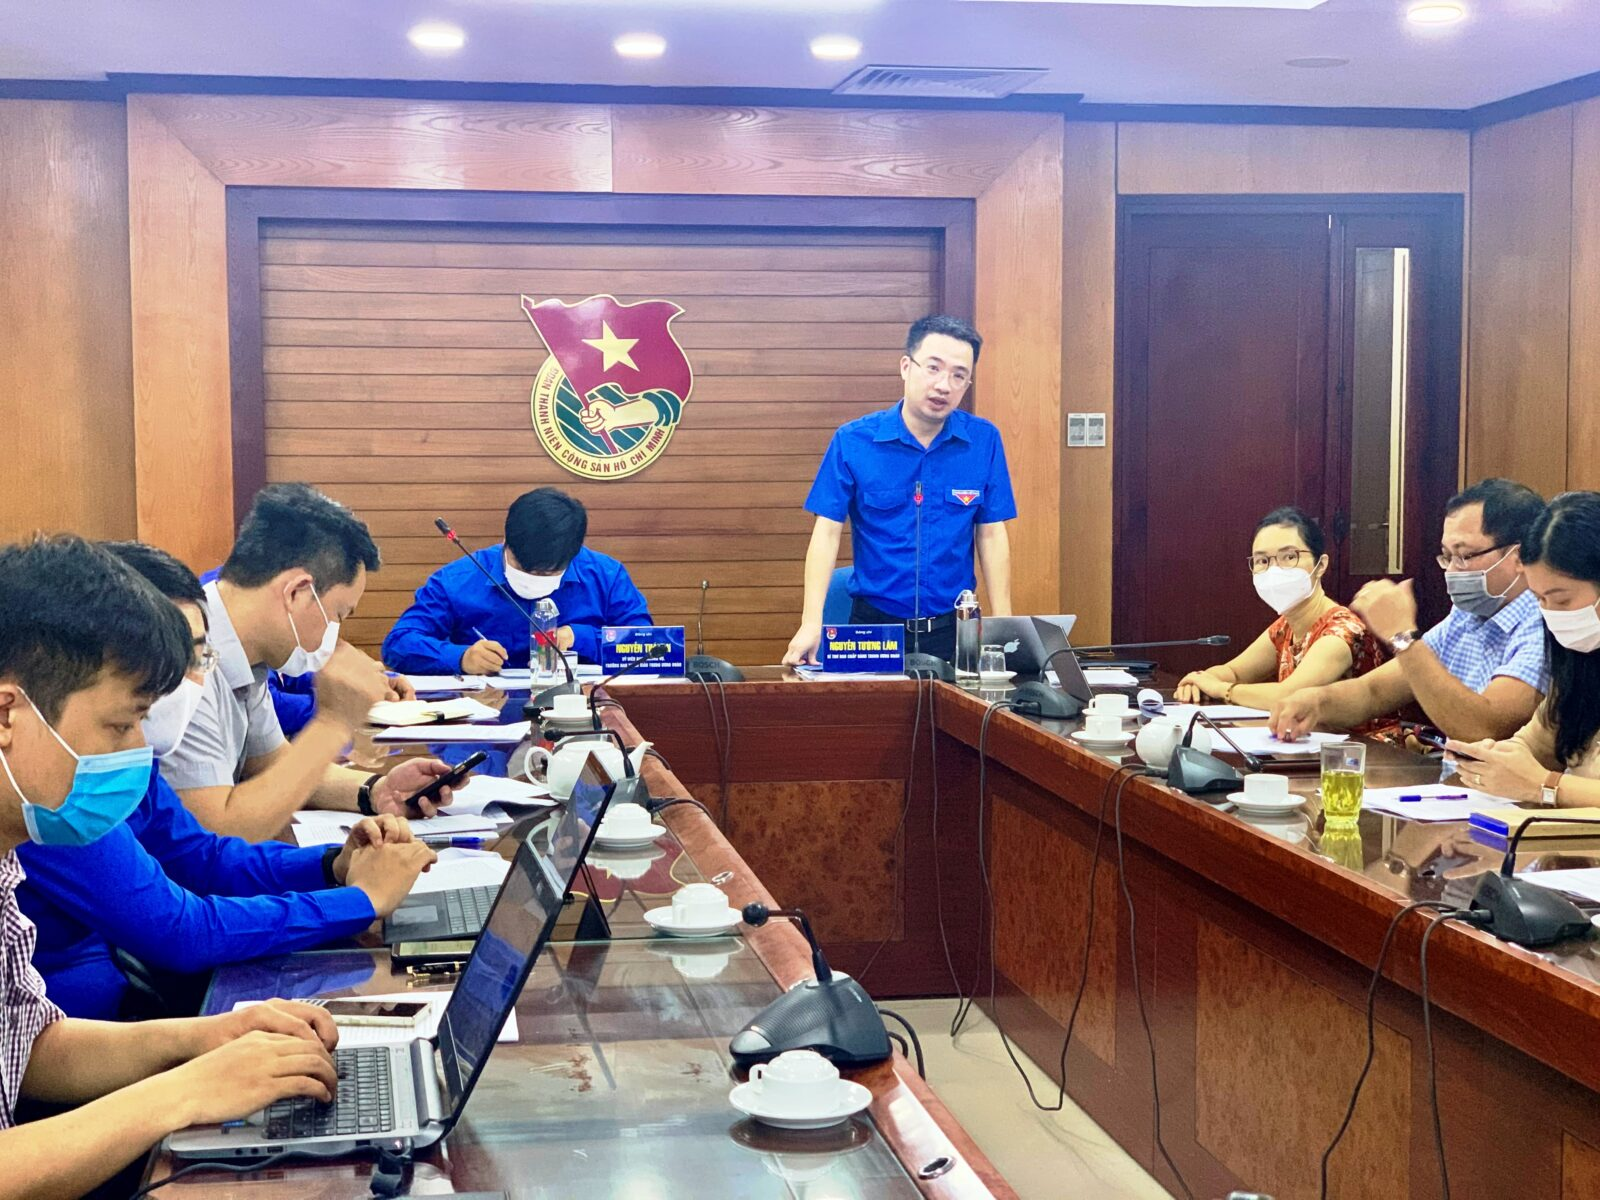 Bí thư Trung ương Đoàn Nguyễn Tường Lâm đề nghị các đơn vị trong Cụm cần quan tâm đẩy mạnh việc tuyên truyền Luật Thanh niên; triển khai chiến dịch thanh niên tình nguyện Hè 2021 trong bối cảnh dịch COVID-19